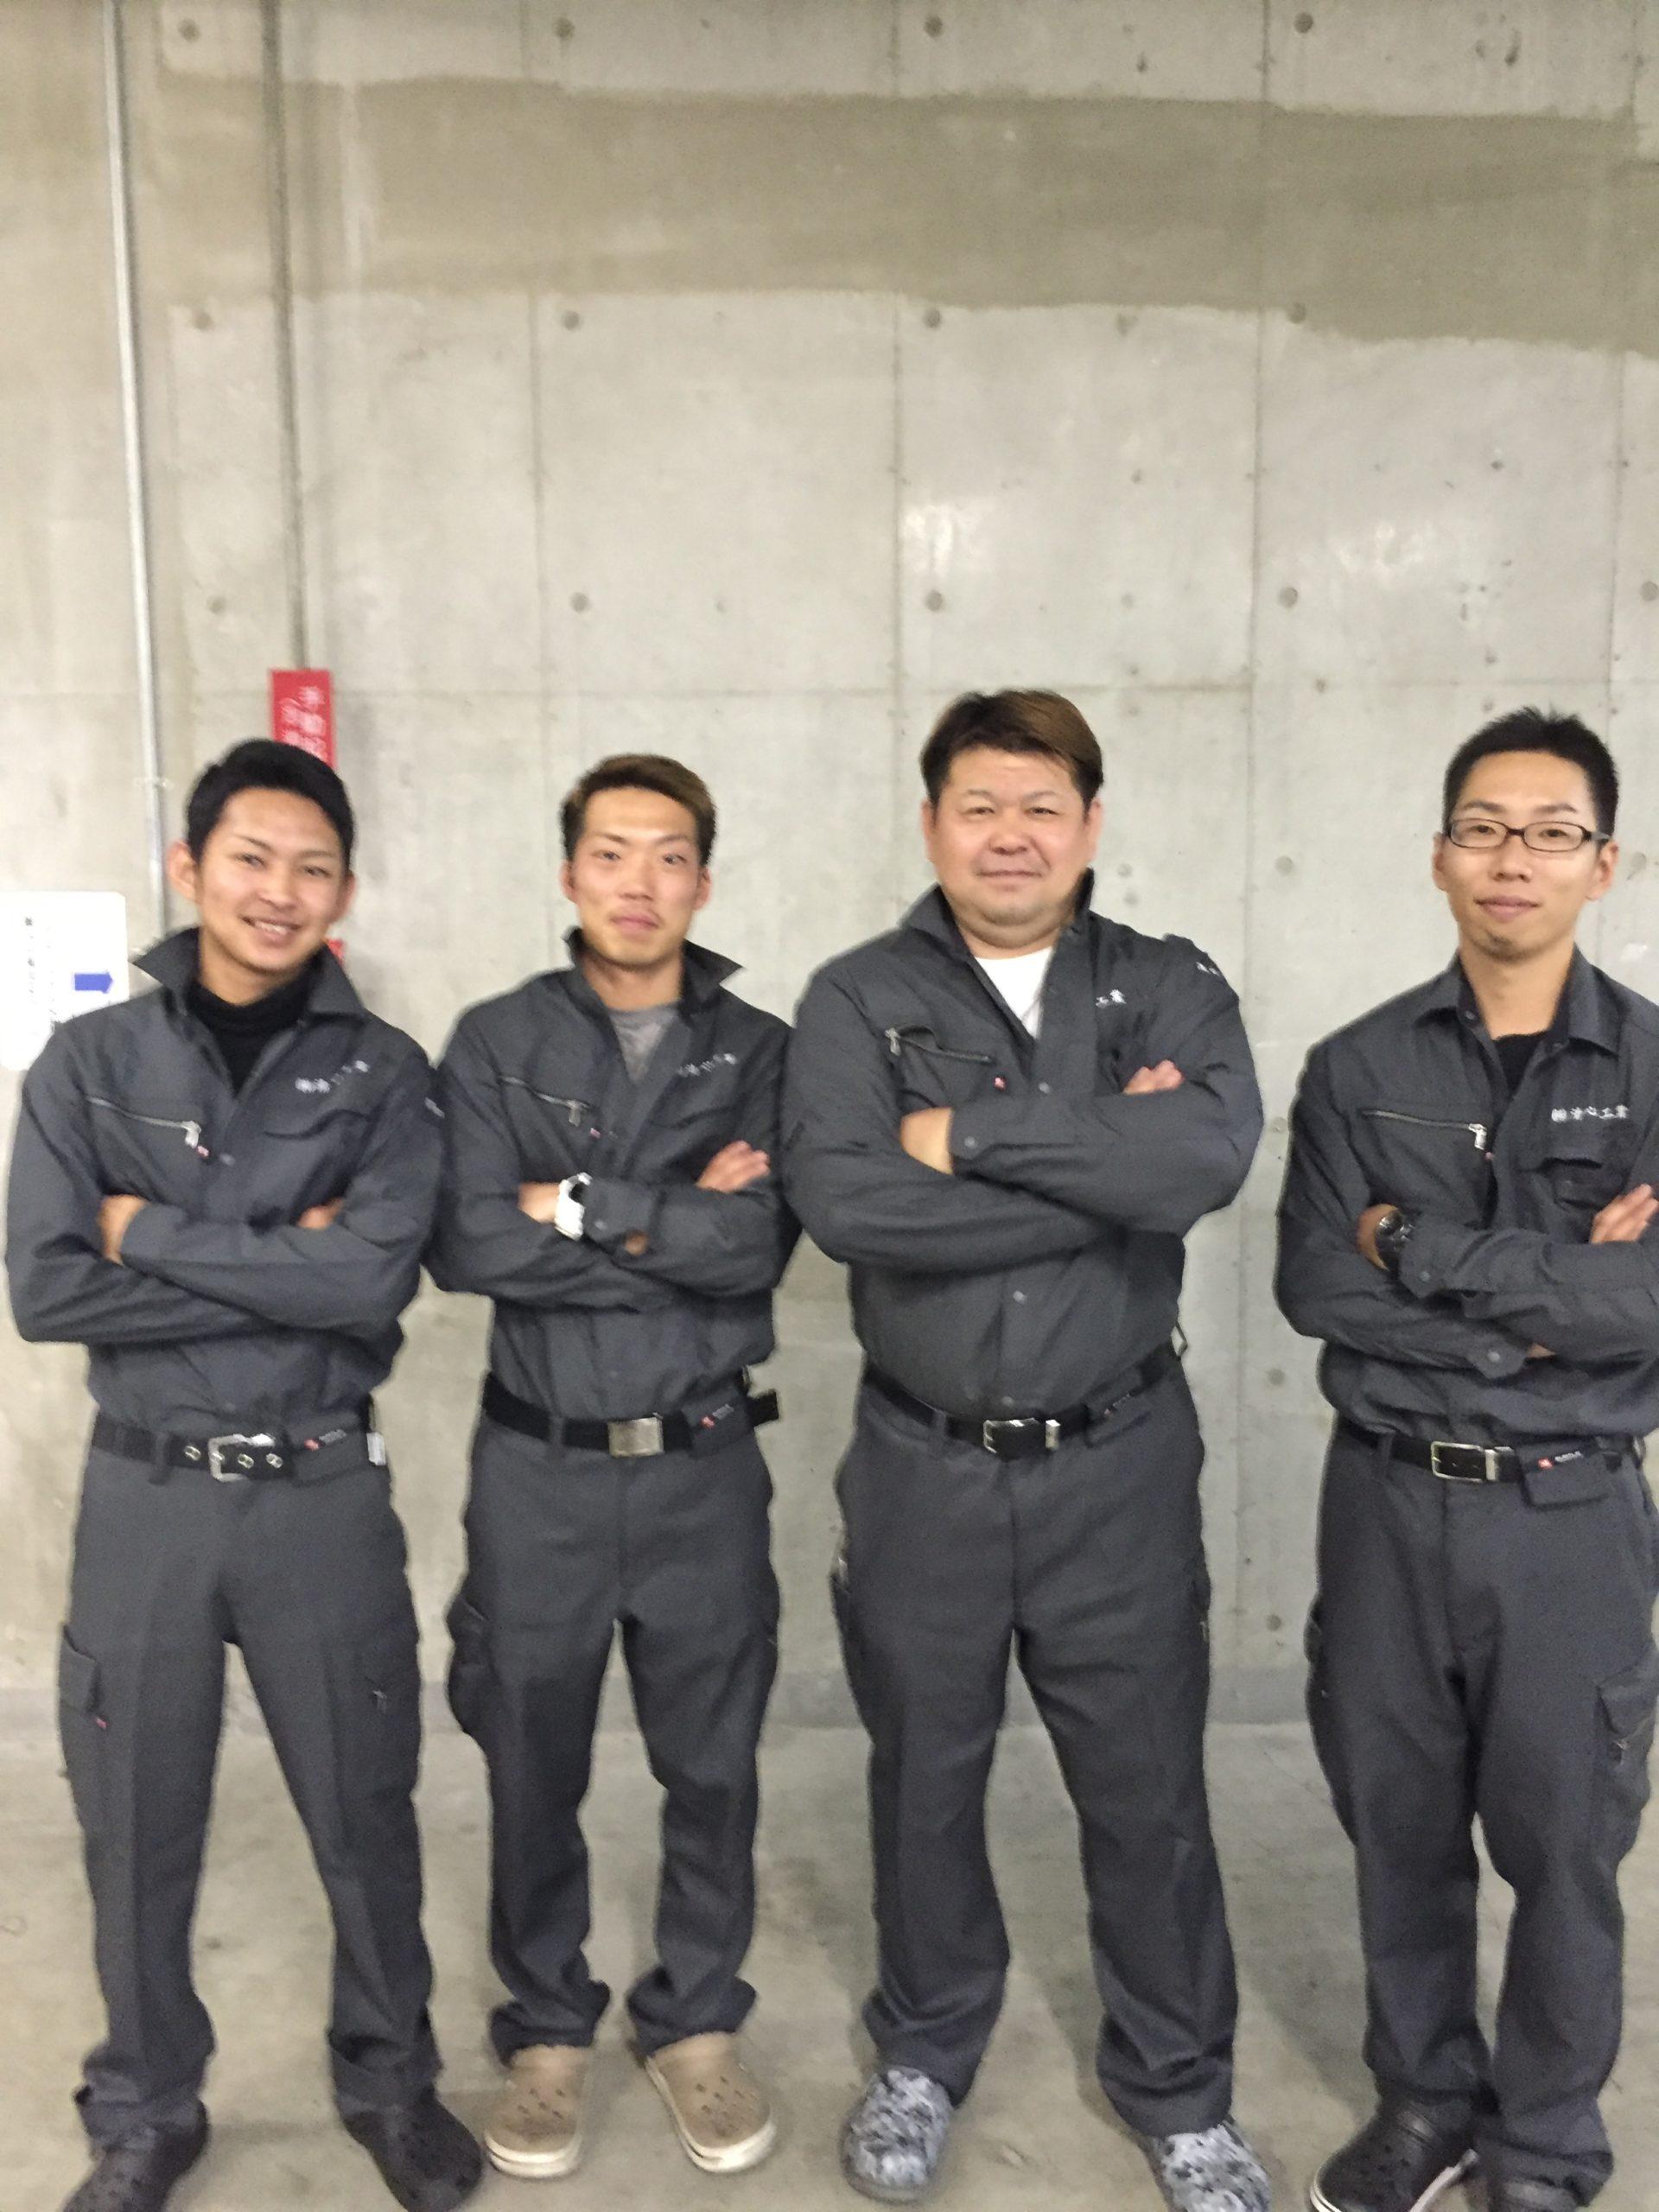 お客様の声 株式会社 清心工業(川崎市中原区、月次監査、決算業務サポートなどの顧問契約)